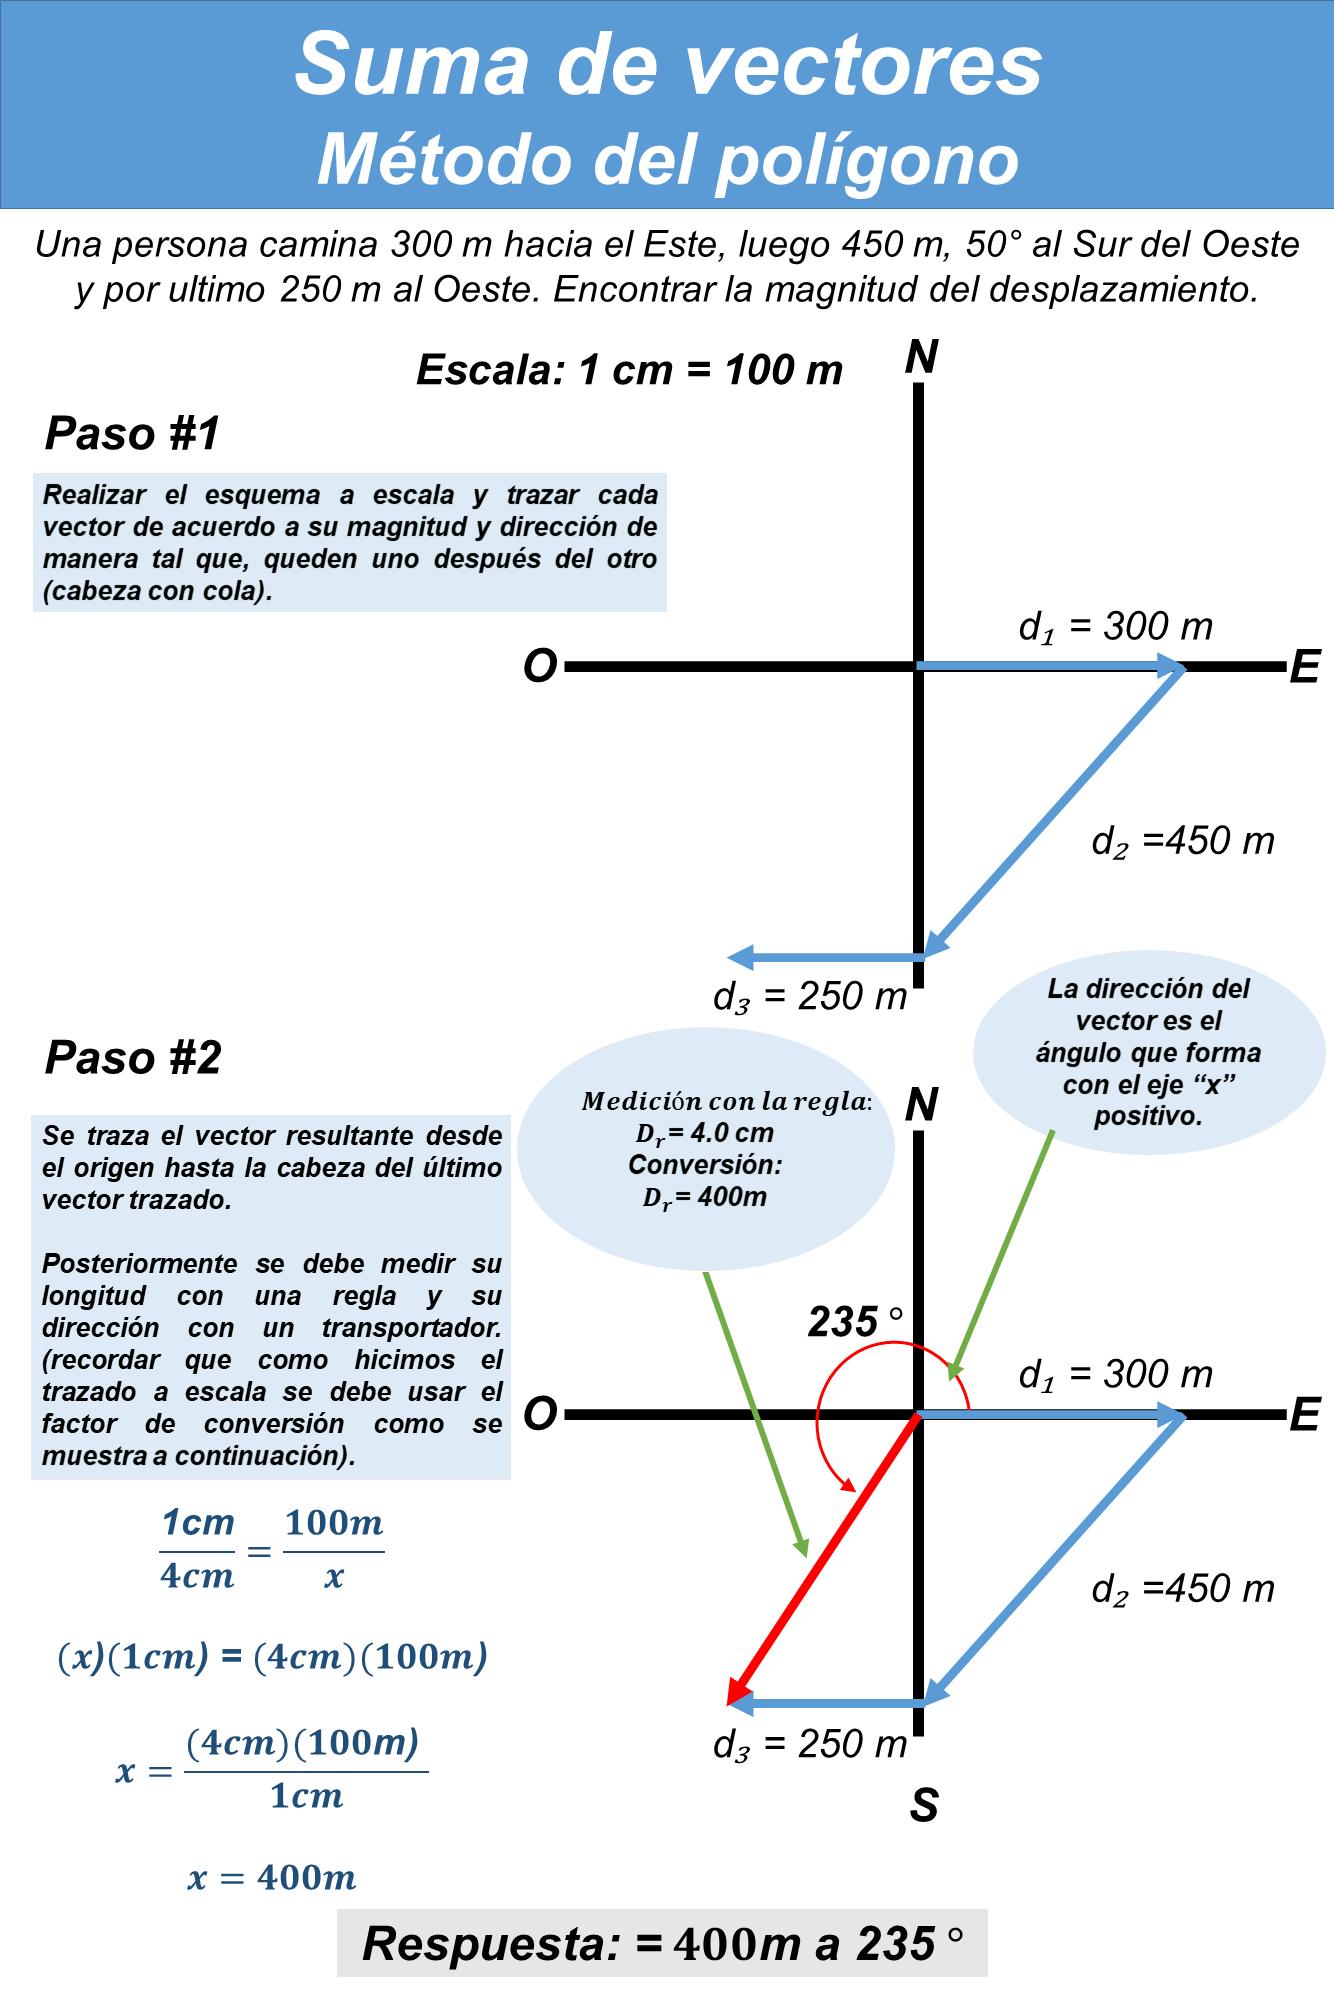 Suma-de-vectores.-Metodo-del-poligono